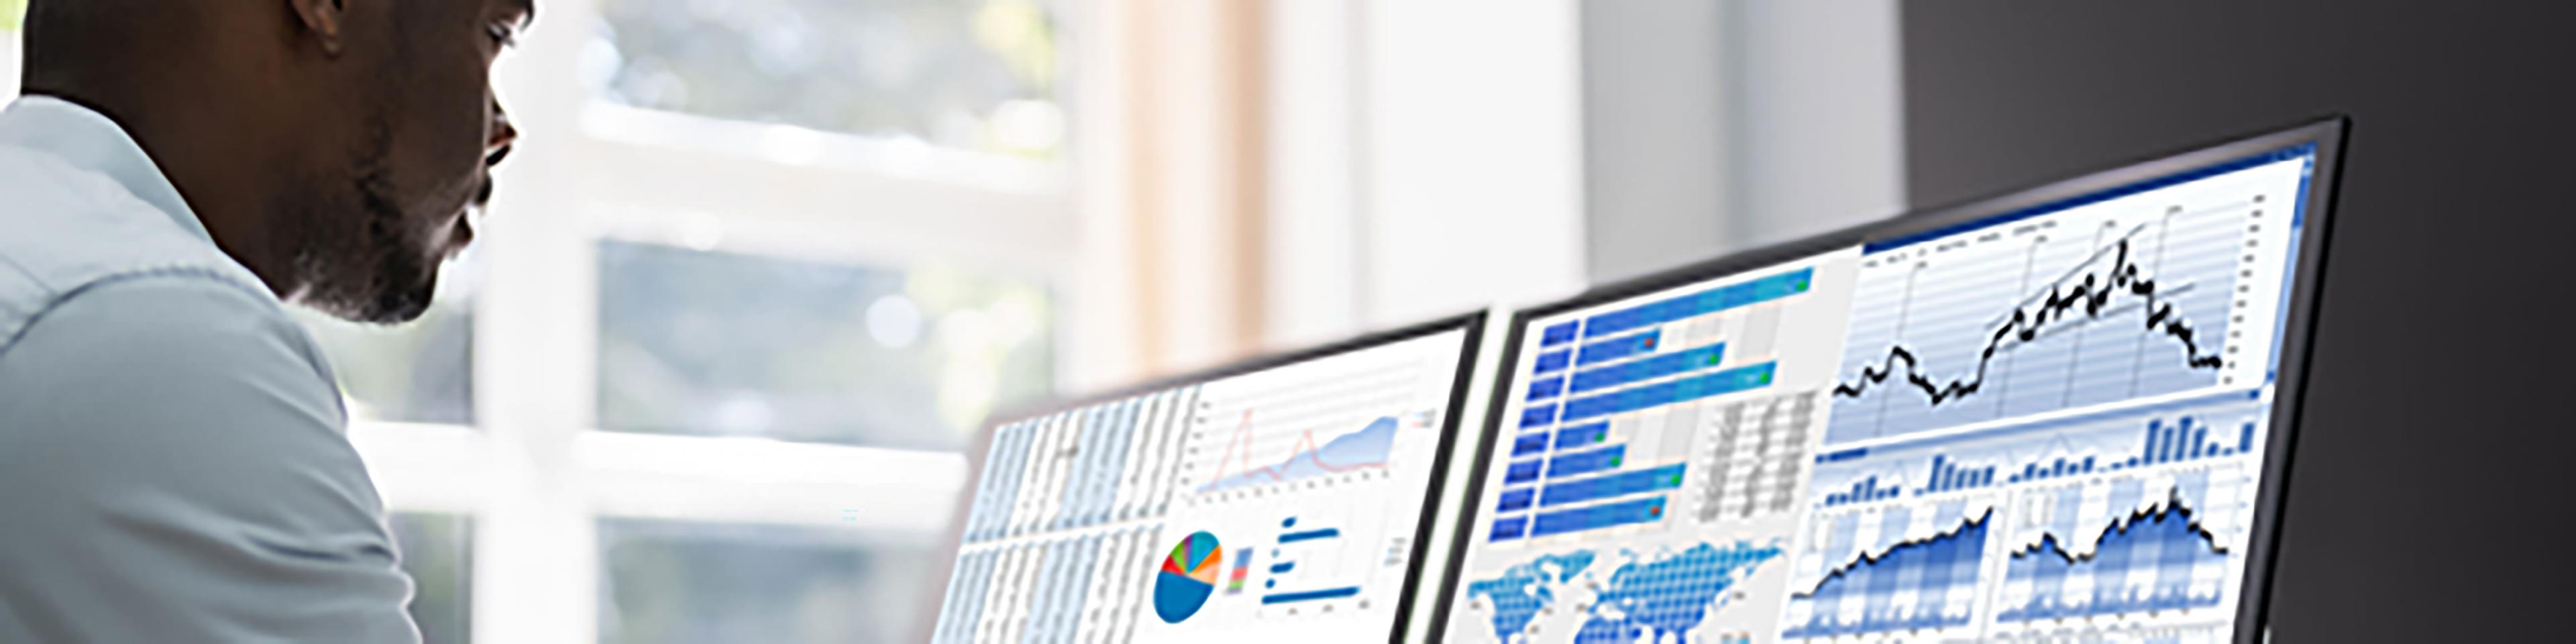 data driven analytics